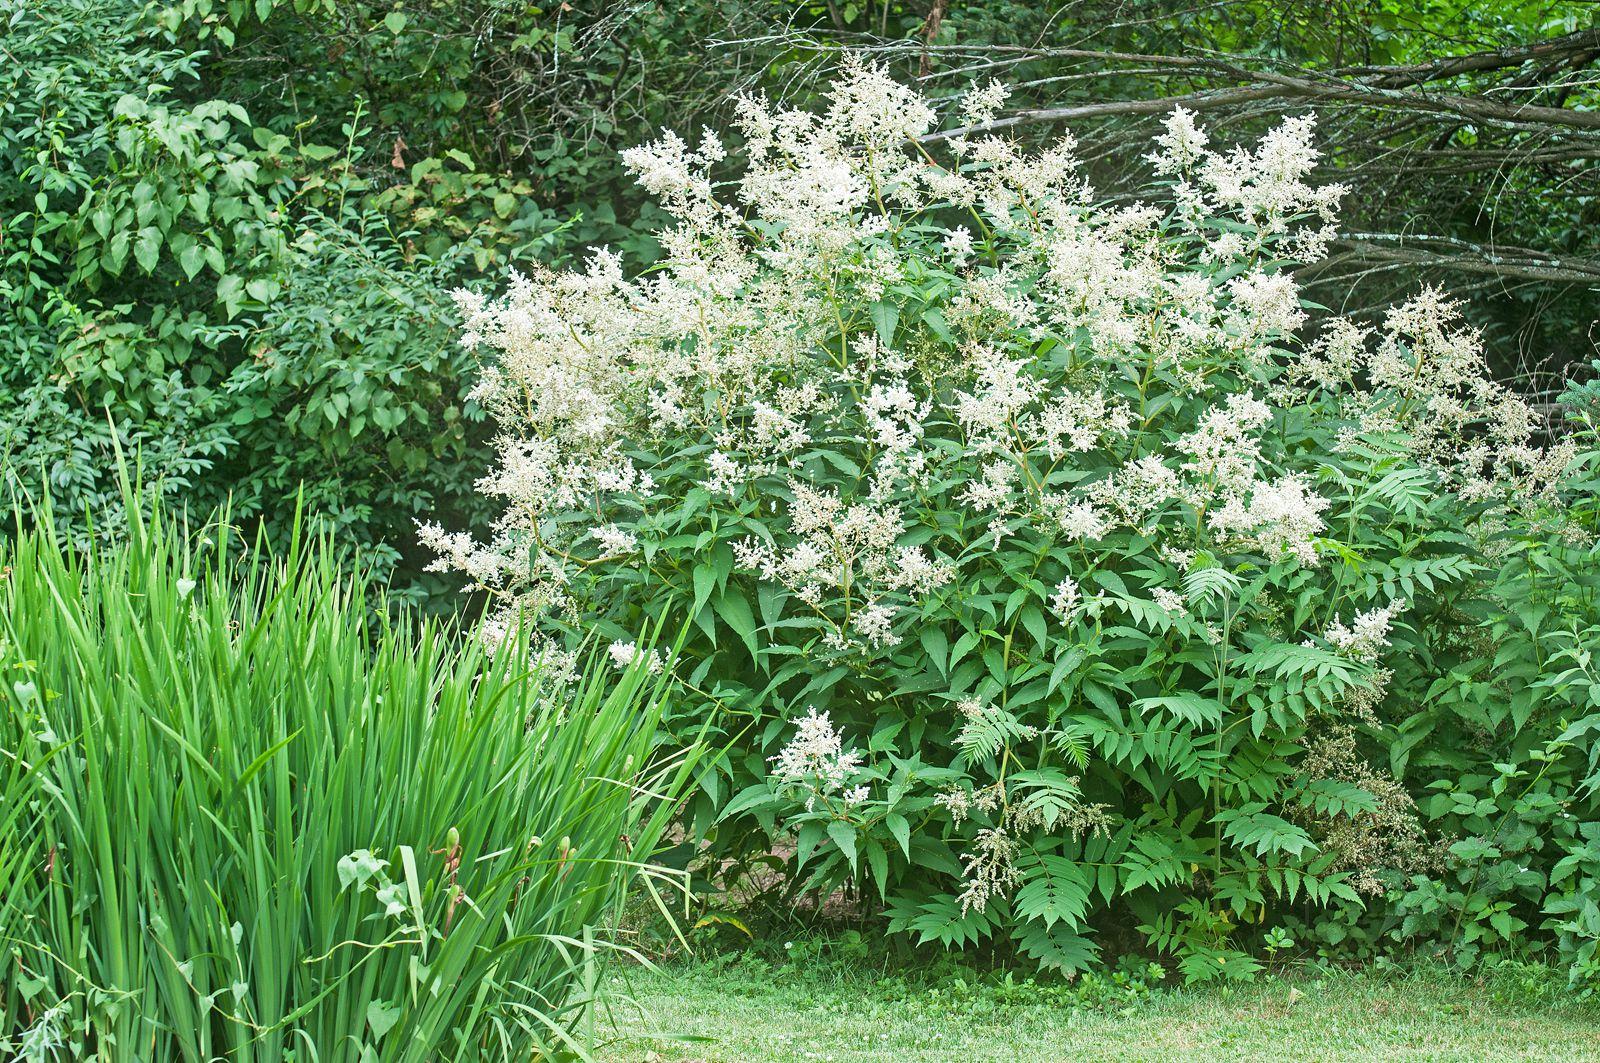 Growing Giant Fleece Flower Persicaria Polymorpha